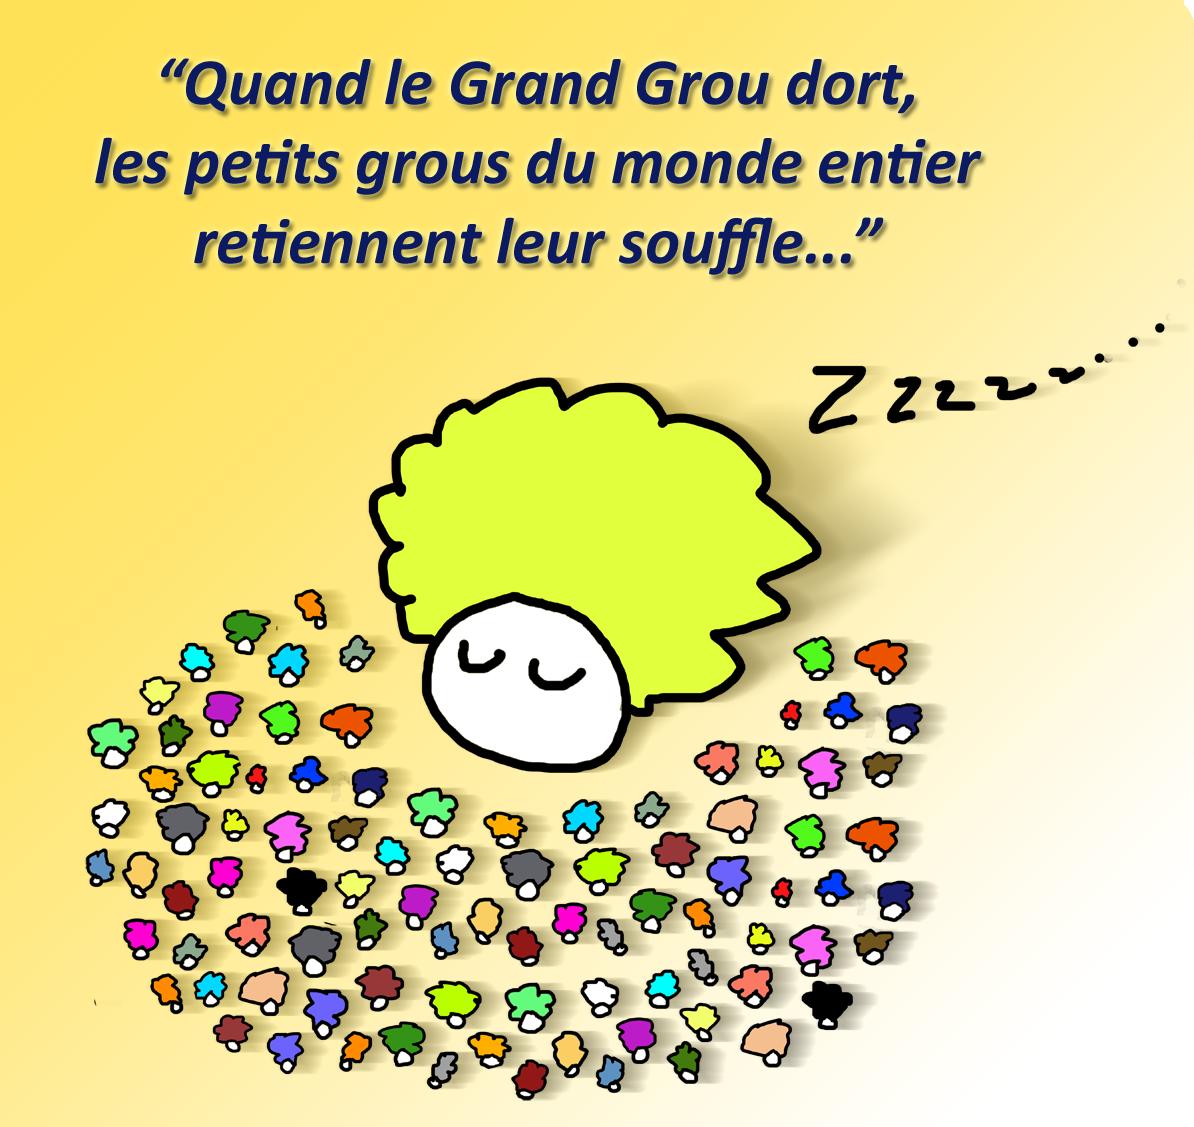 grand-grou-dort_01